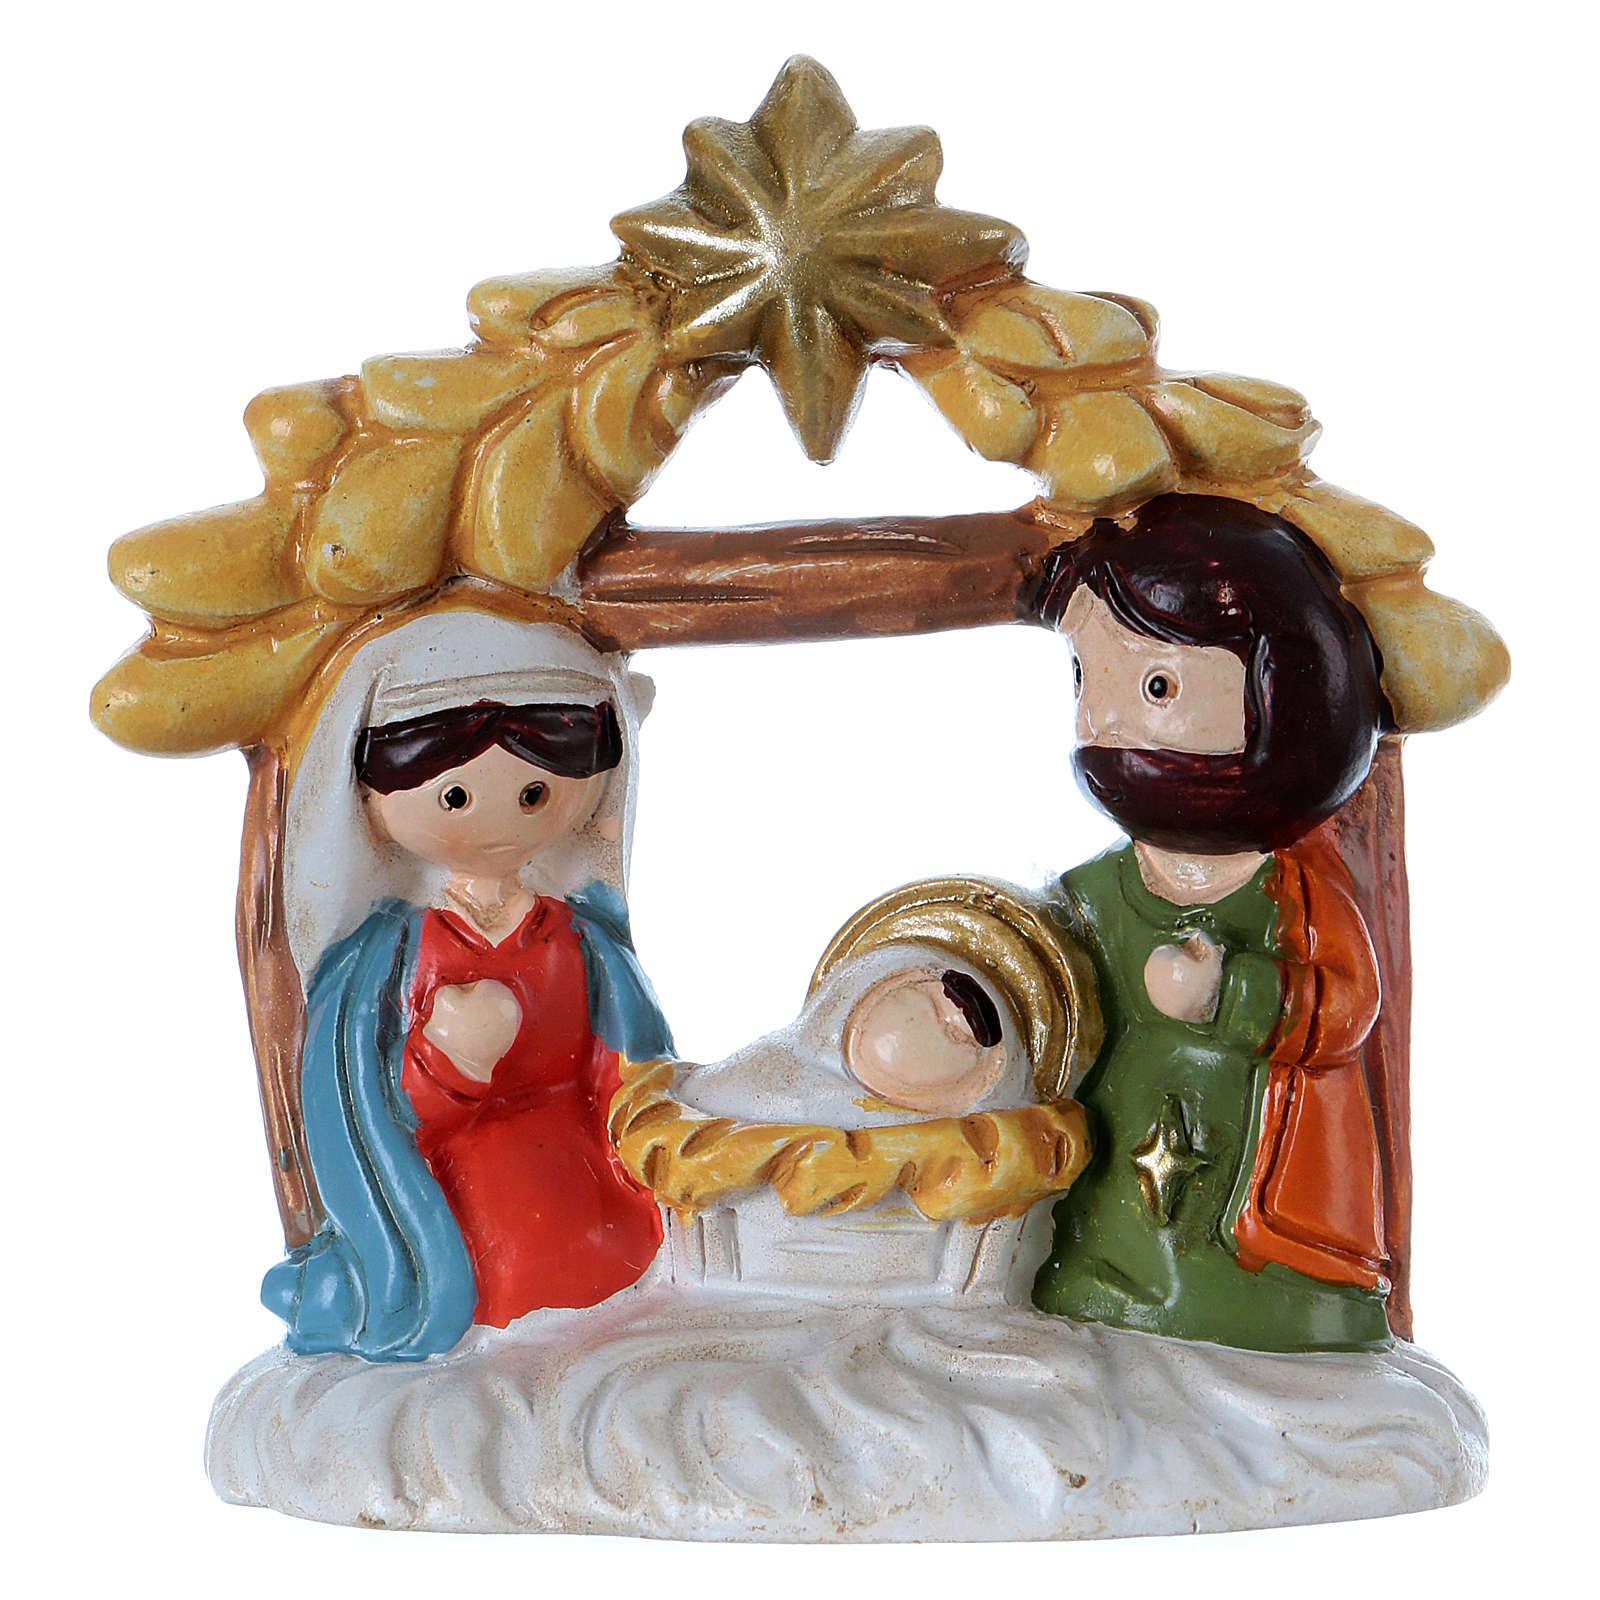 Sagrada Familia de resina con cabaña 5 cm 3